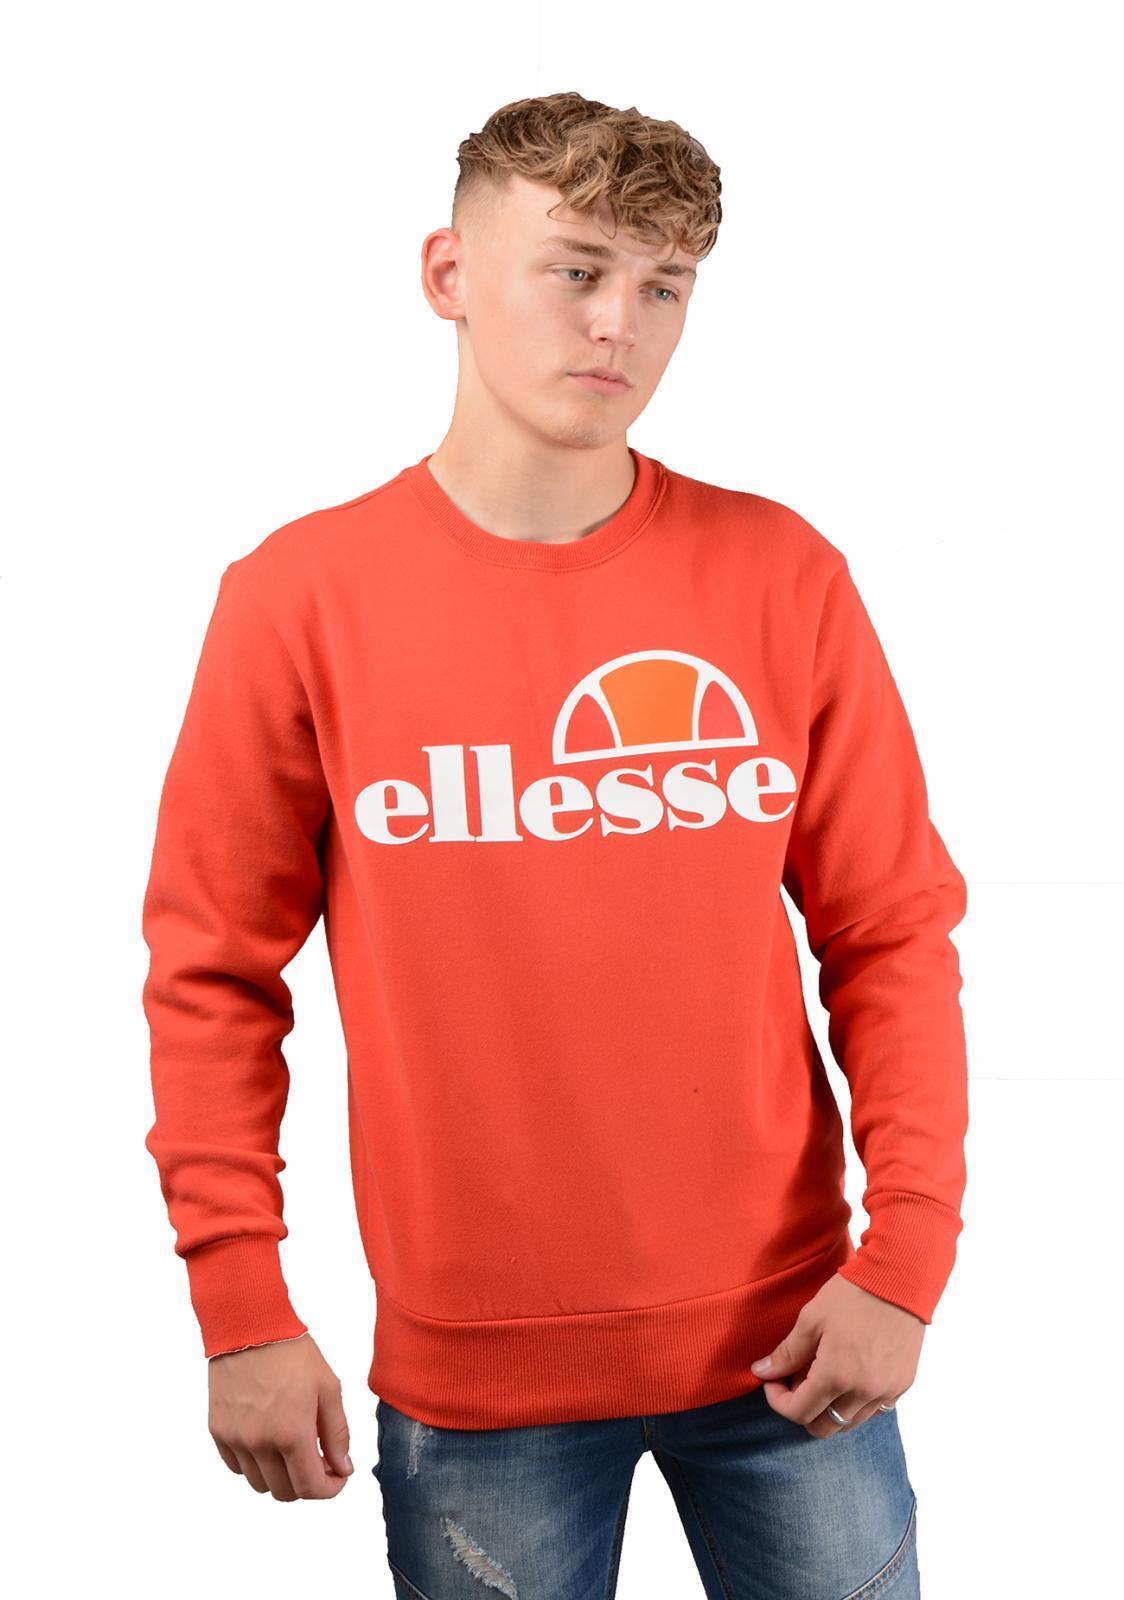 Ellesse Herren Sweatshirt ROT Succisso in nnnxso899 Sport